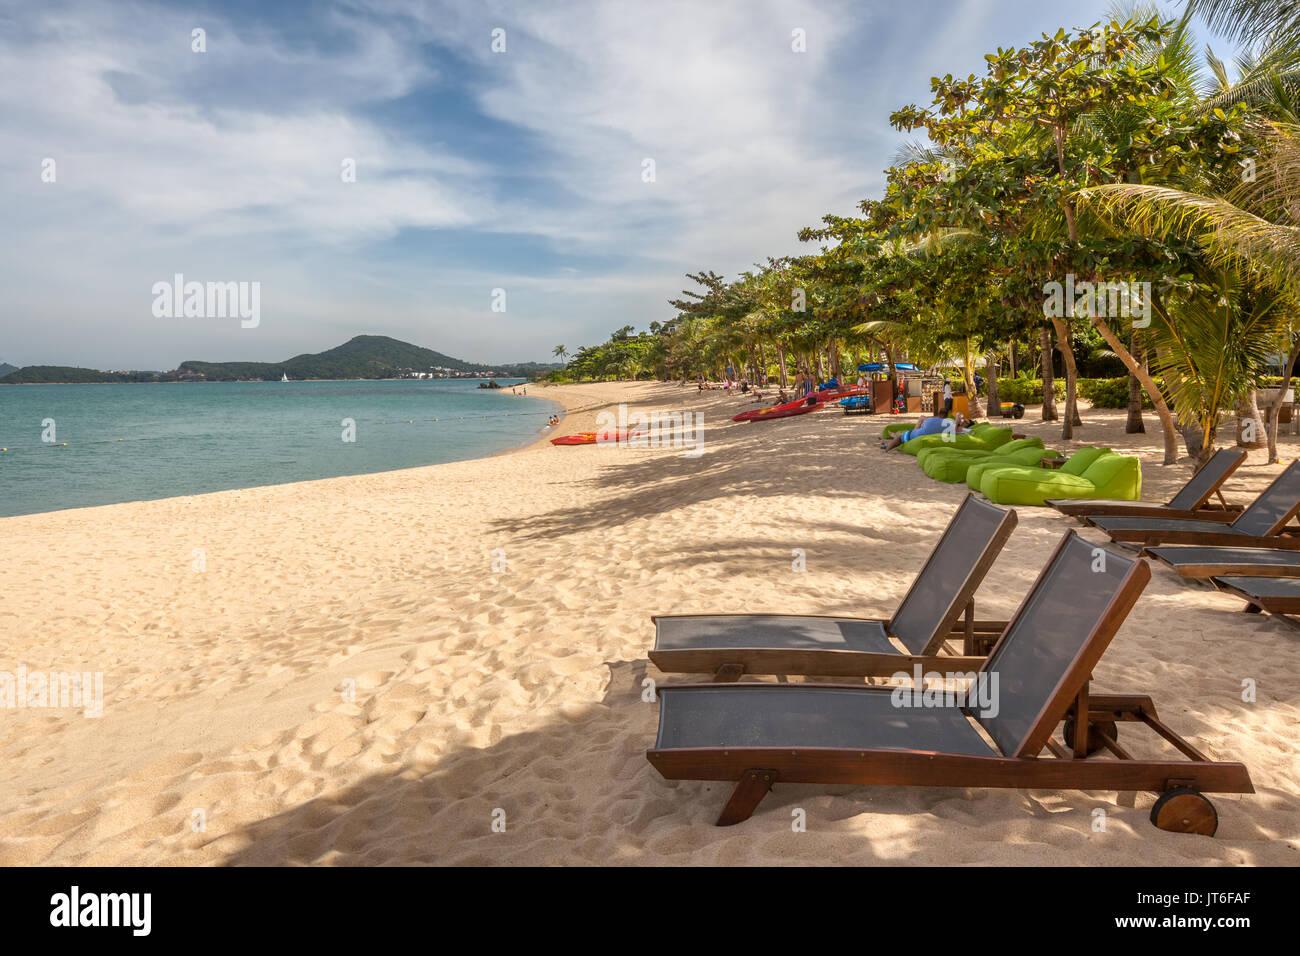 Maenam beach or Ao Menam, Hat Mae Nam, Koh Samui, Thailand - Stock Image